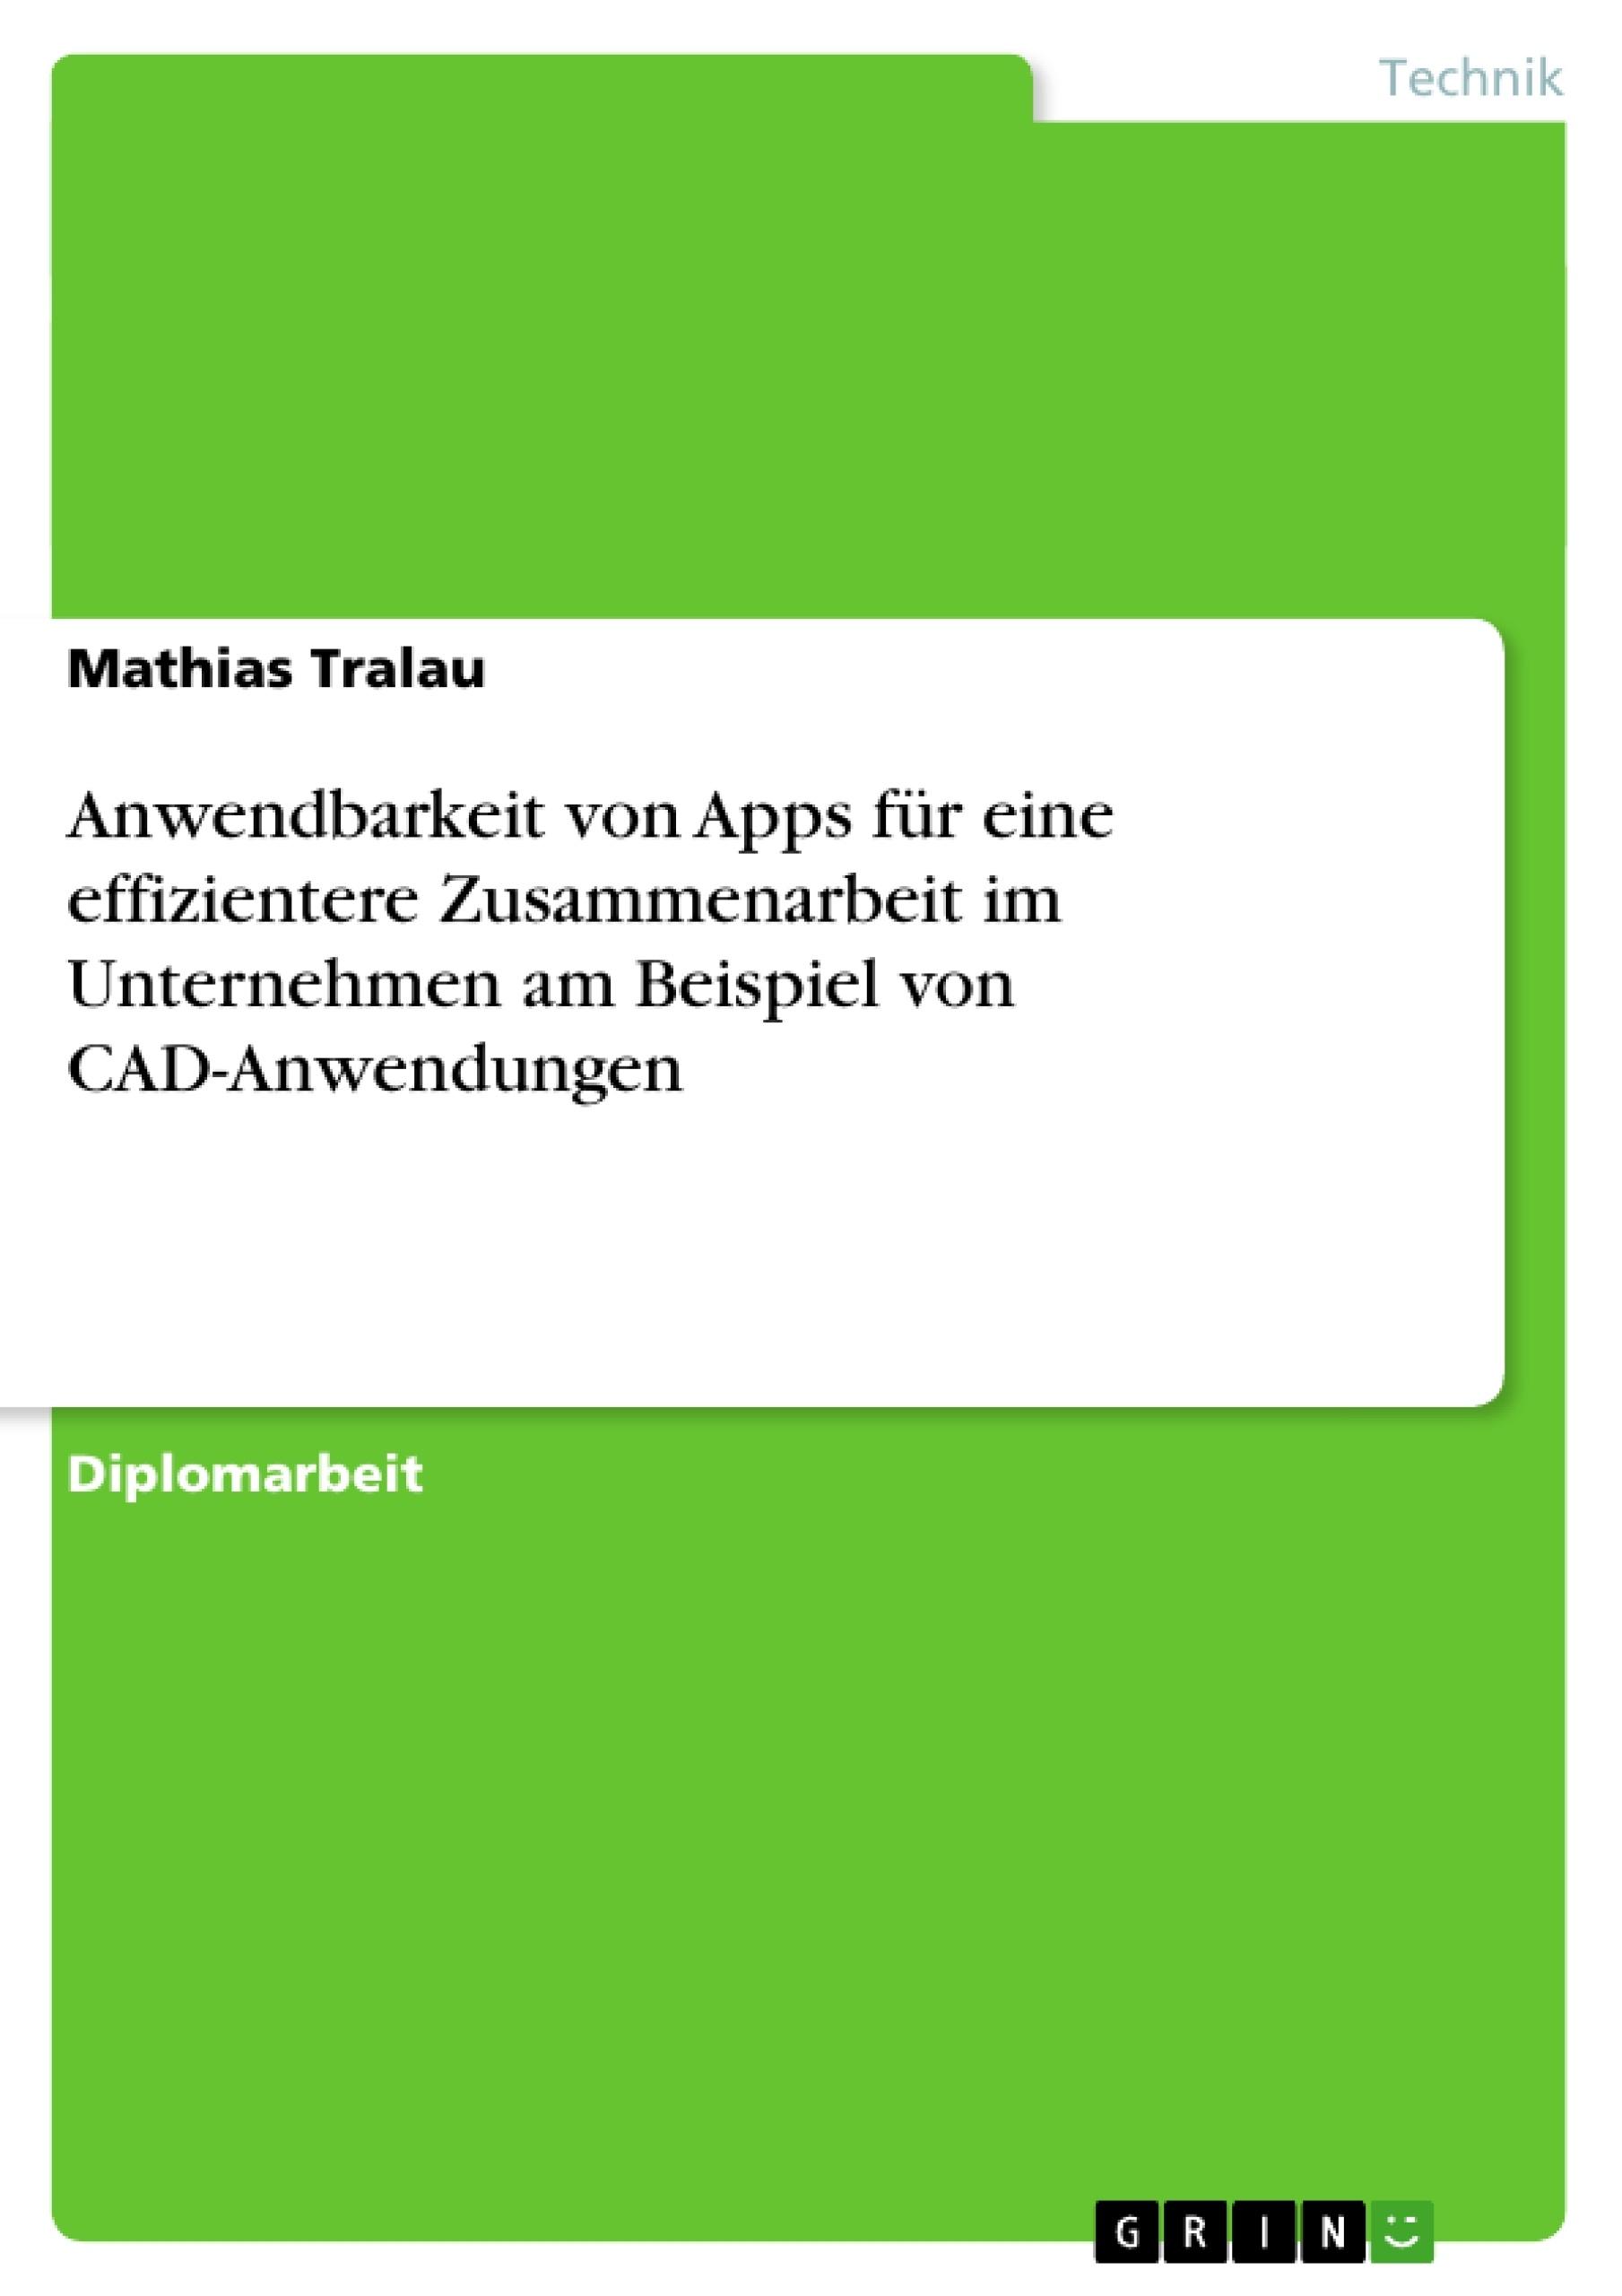 Titel: Anwendbarkeit von Apps für eine effizientere Zusammenarbeit im Unternehmen am Beispiel von CAD-Anwendungen